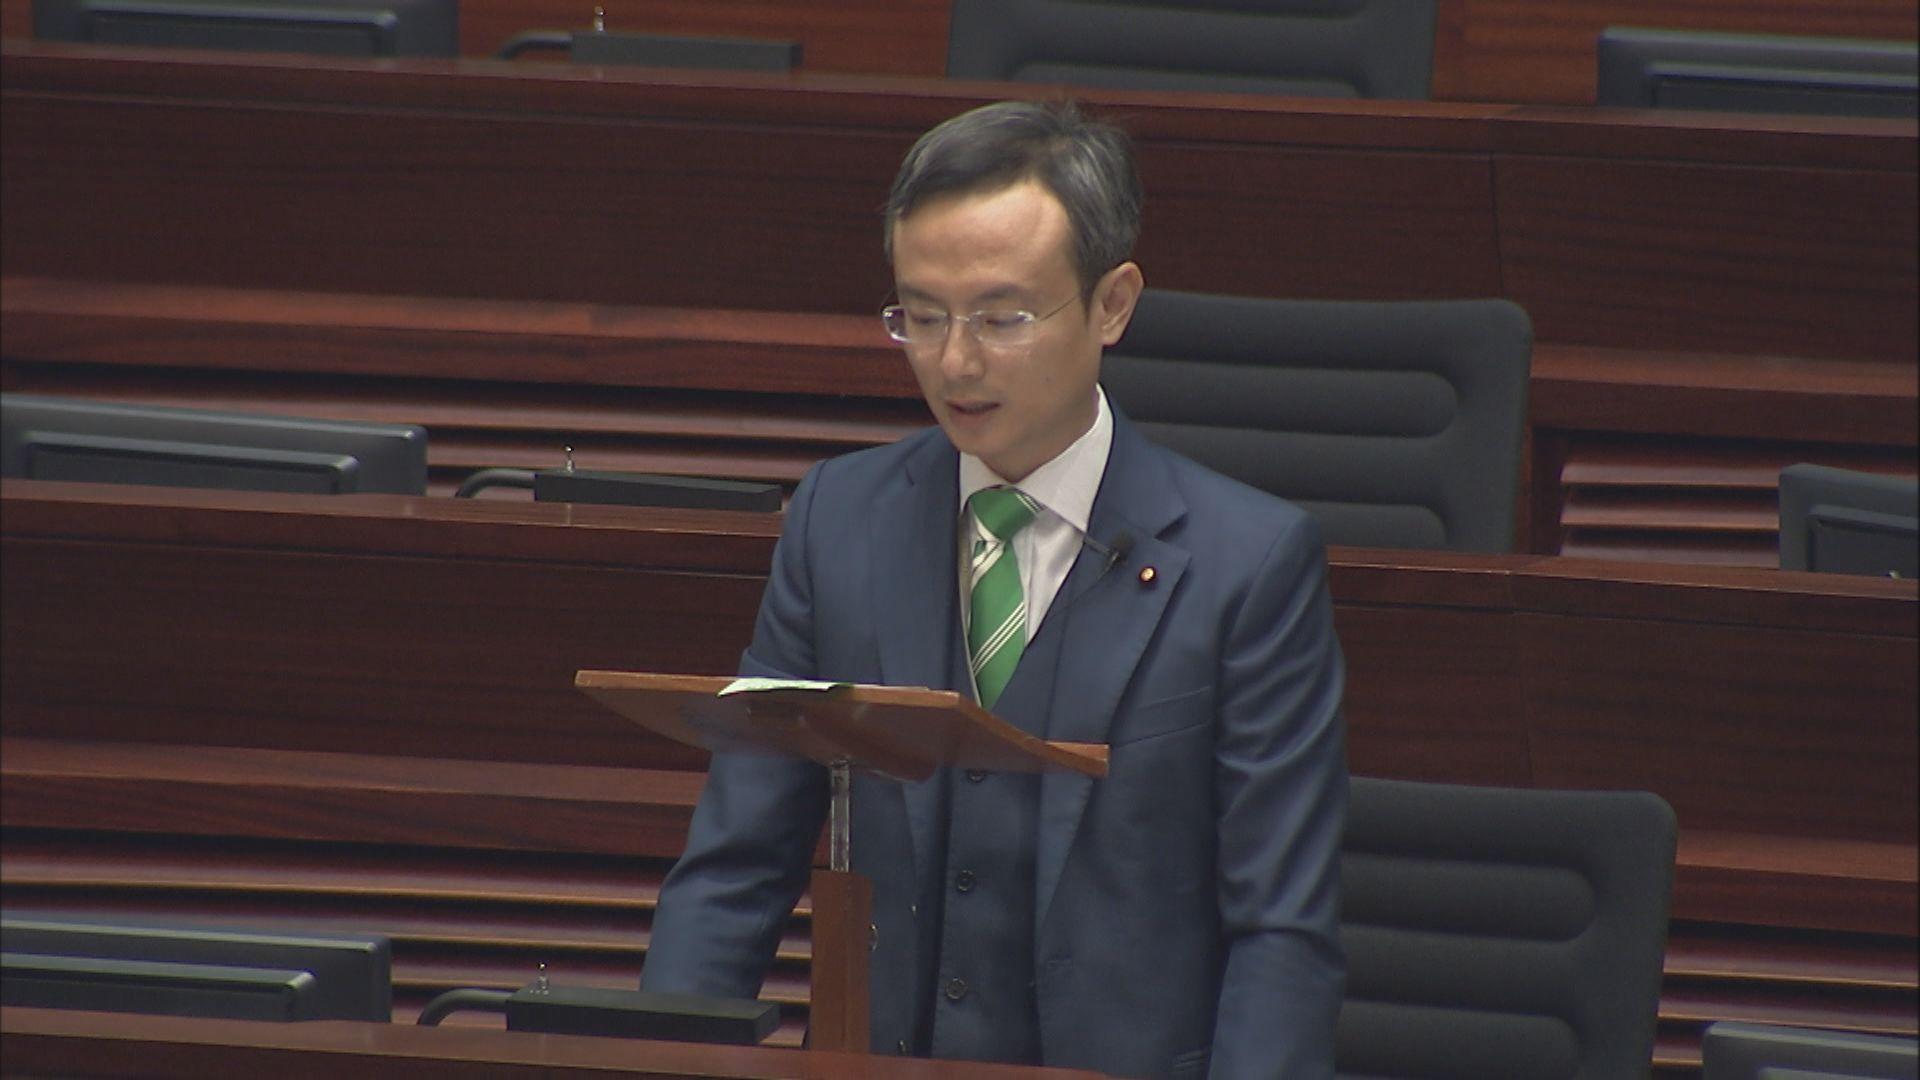 陳沛然宣布不參選下屆立法會